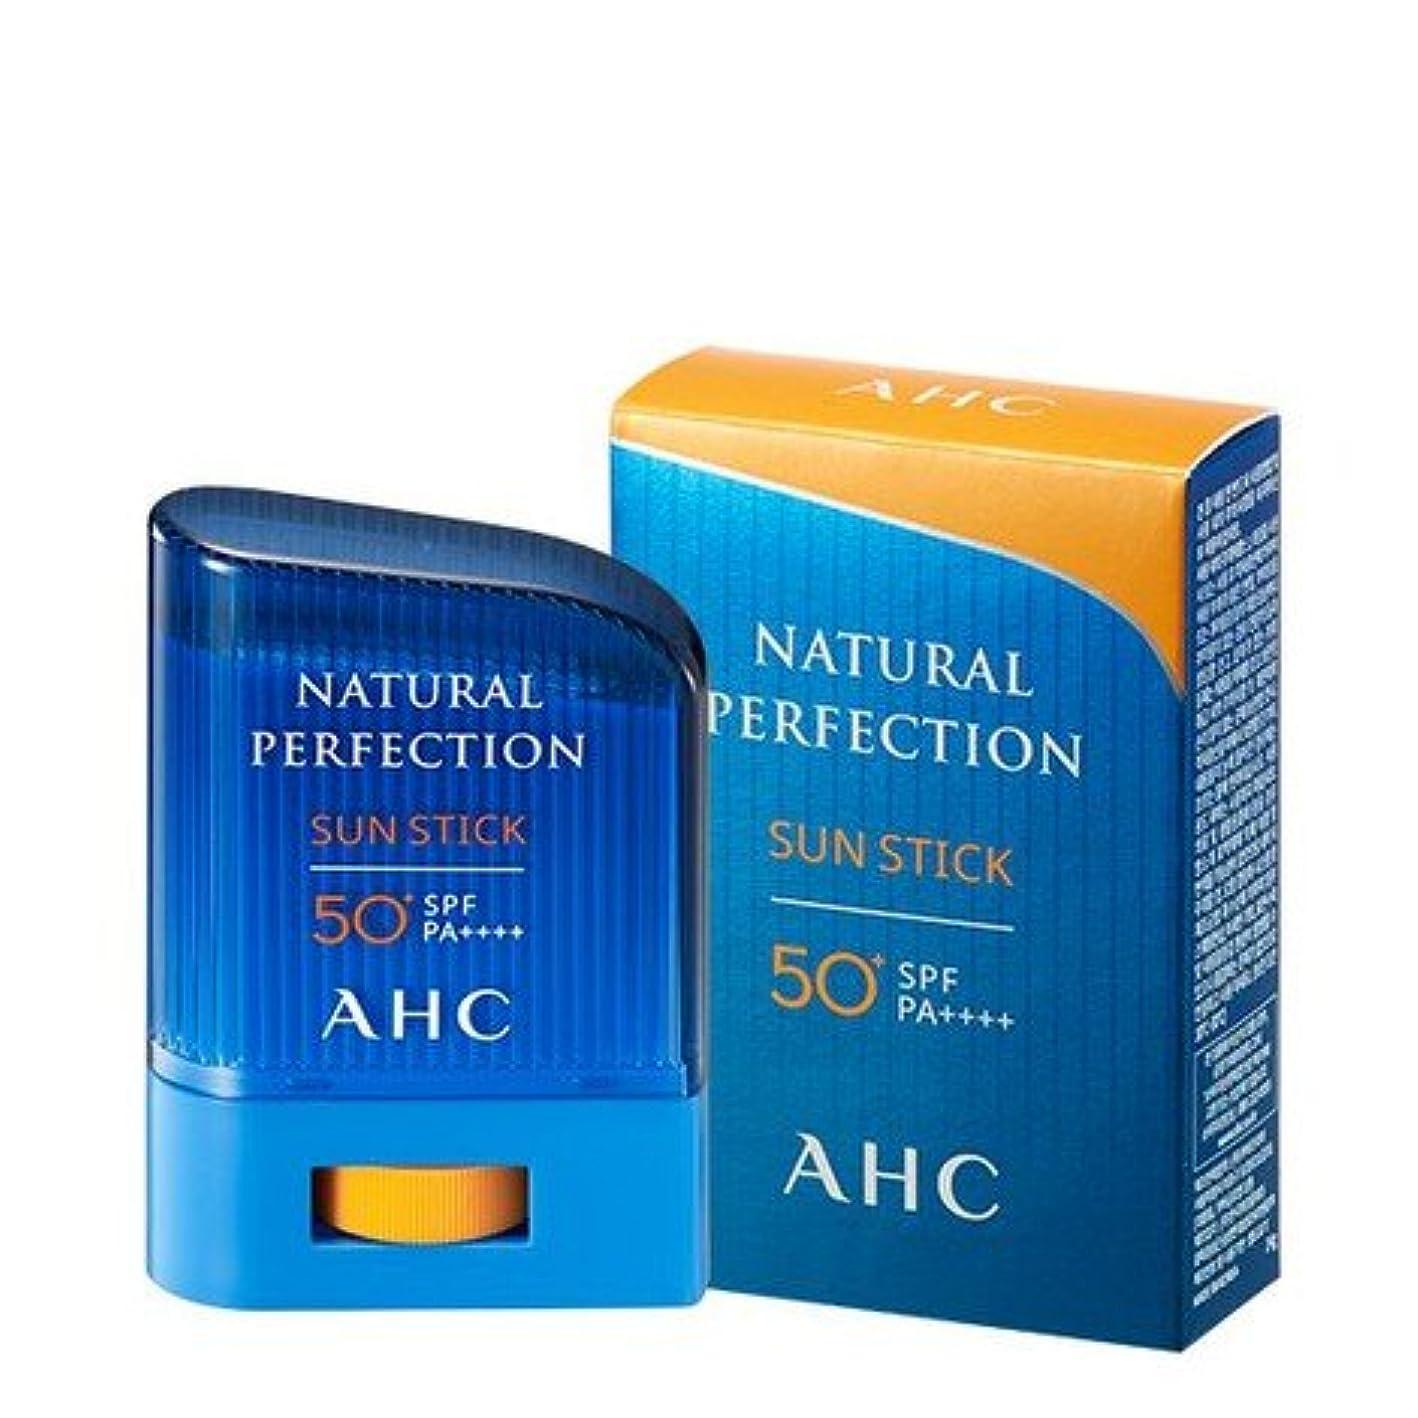 故障世代不透明な[Renewal 最新] AHCナチュラルパーフェクション線スティック / AHC NATURAL PERFECTION SUN STICK [SPF 50+ / PA ++++] [並行輸入品] (14g)